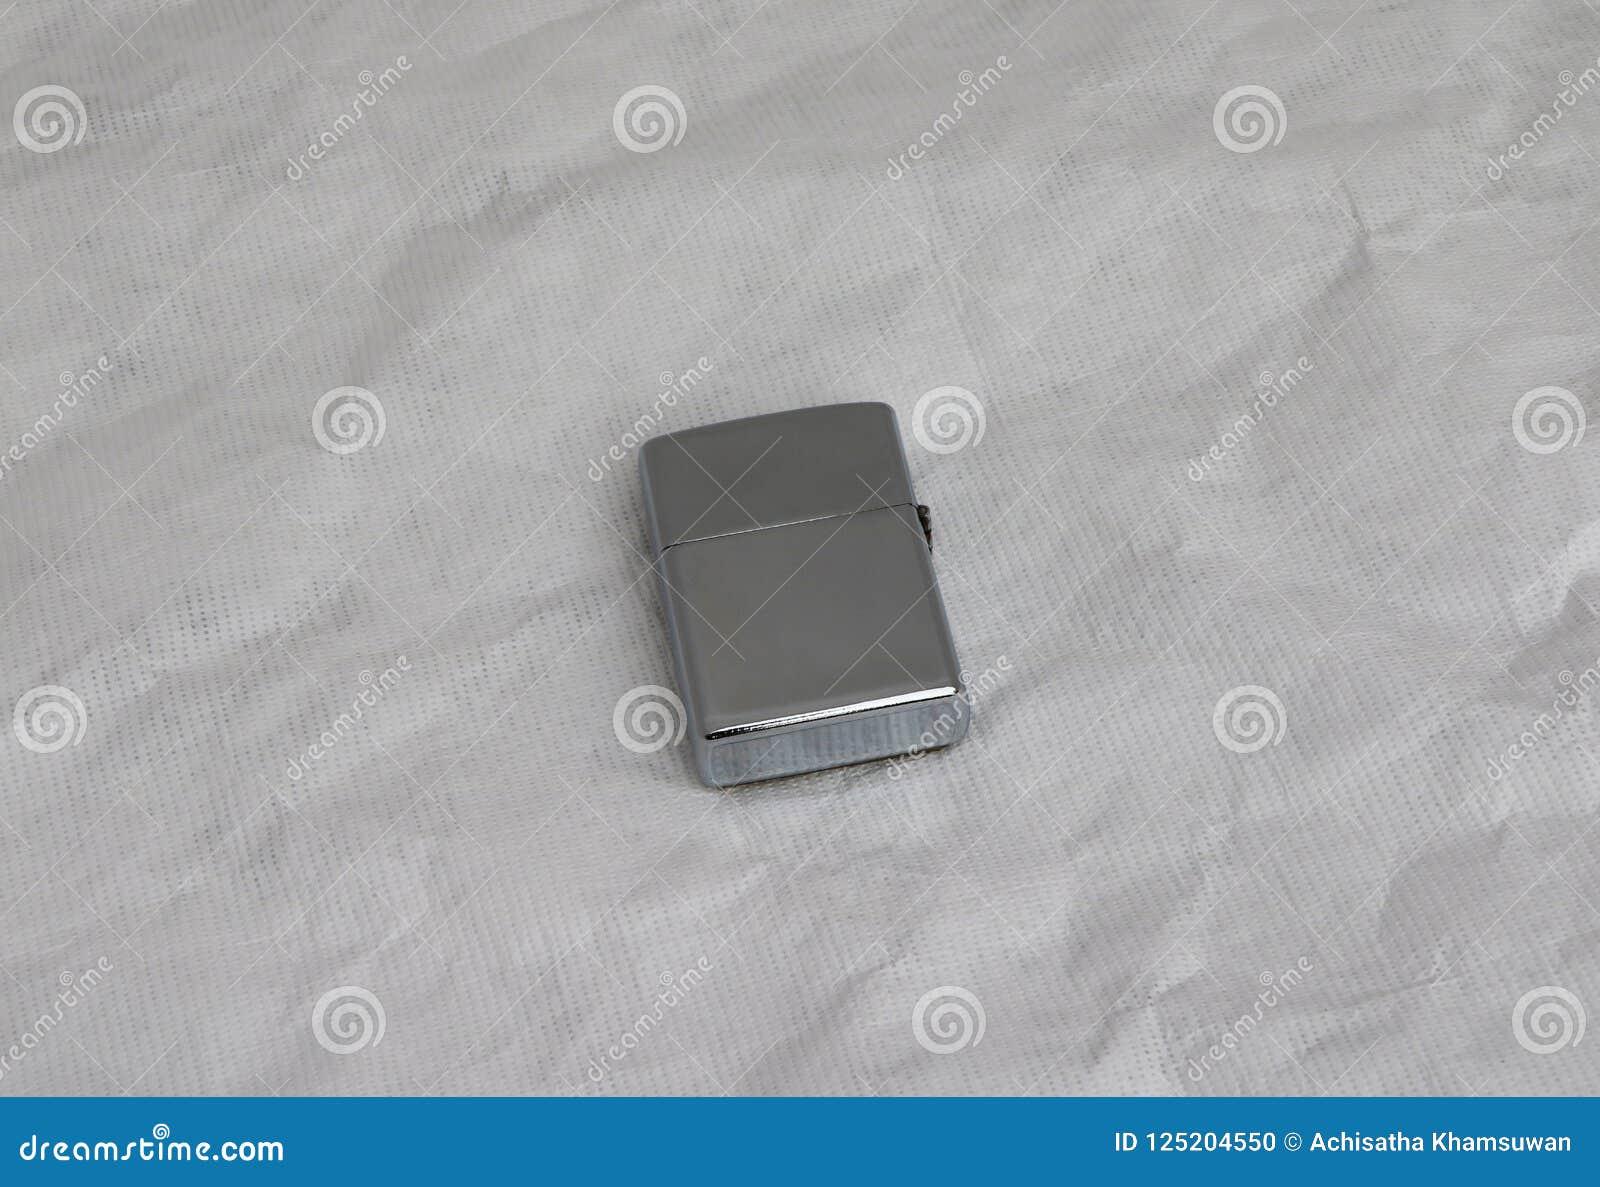 De metaalaansteker sluit het deksel isoleert op Witboekachtergrond het is een apparaat dat een kleine vlam produceert